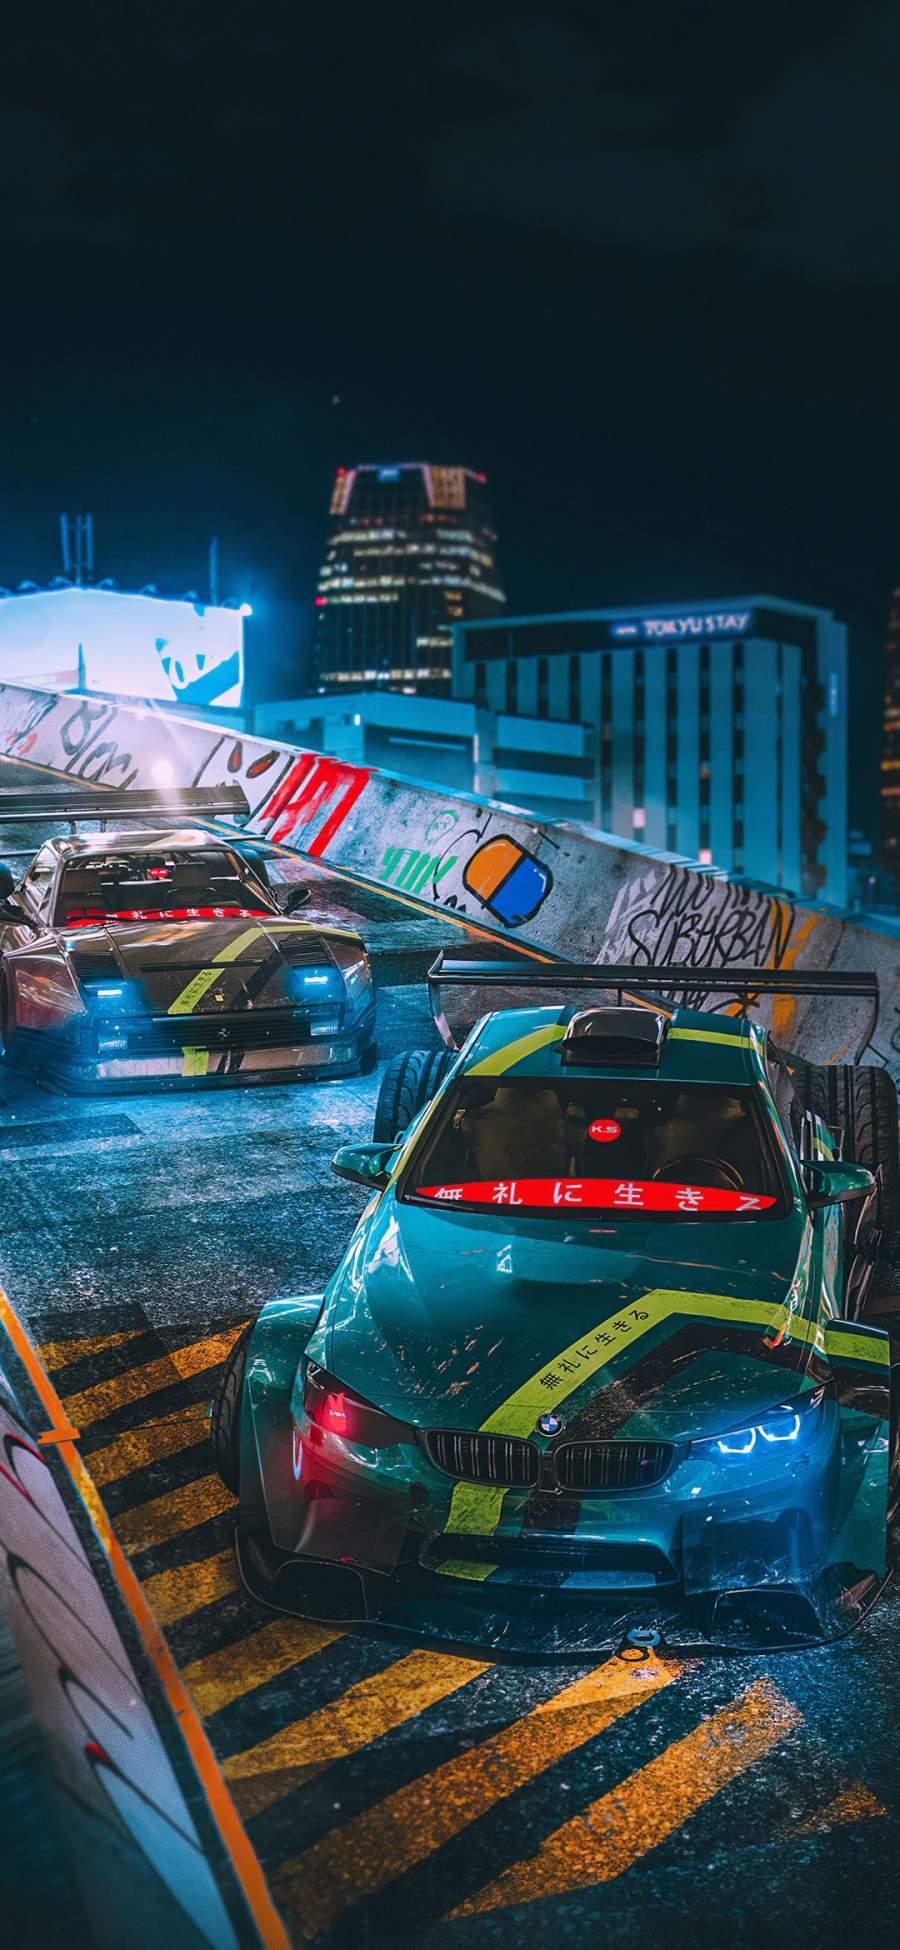 Tokyo Drift Cars iPhone Wallpaper